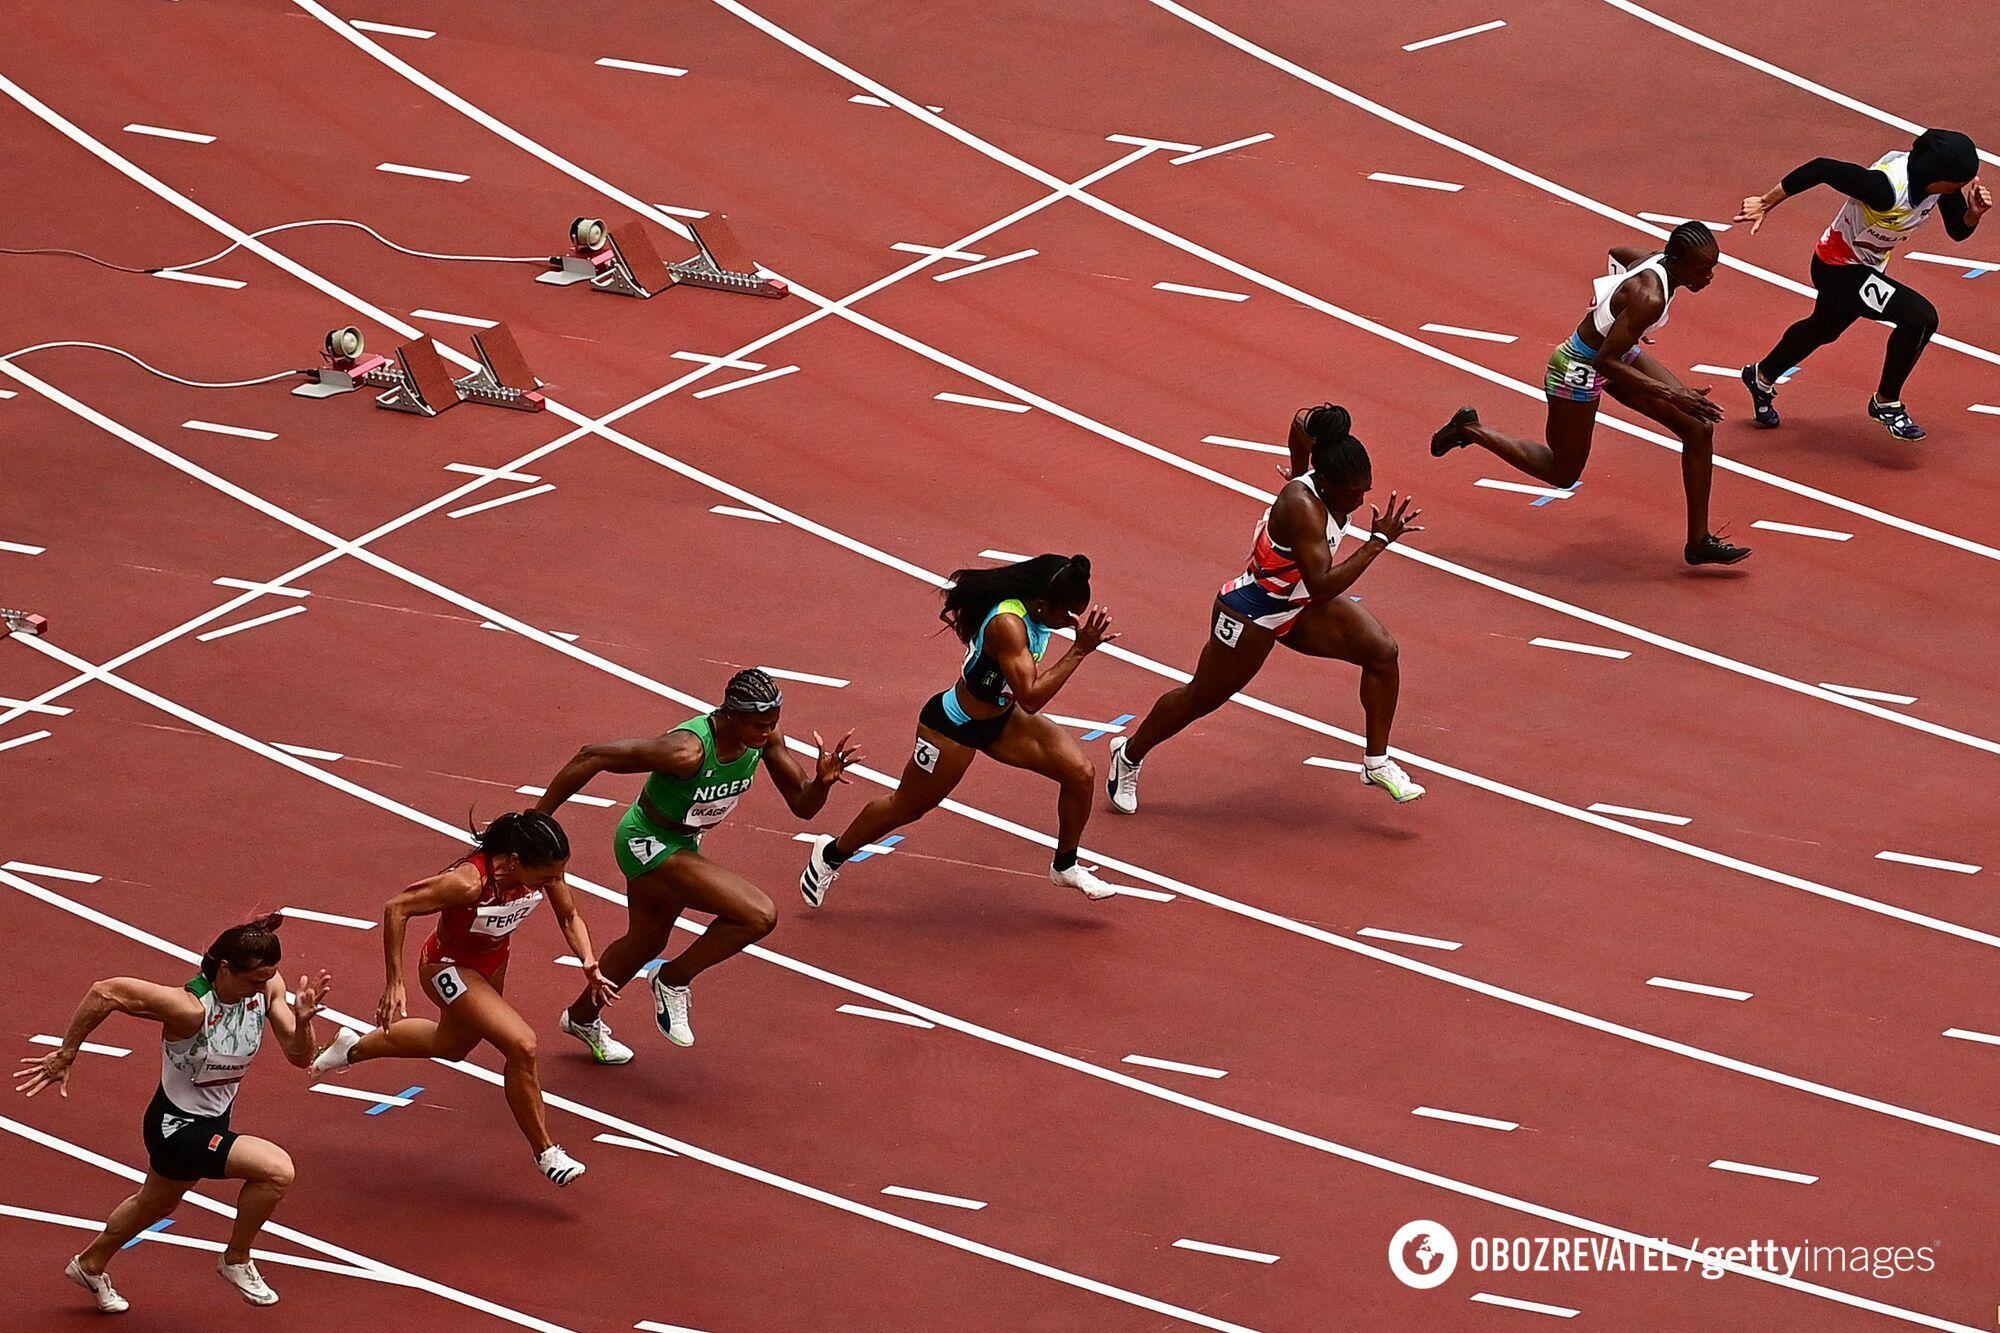 Забіг на Олімпіаді